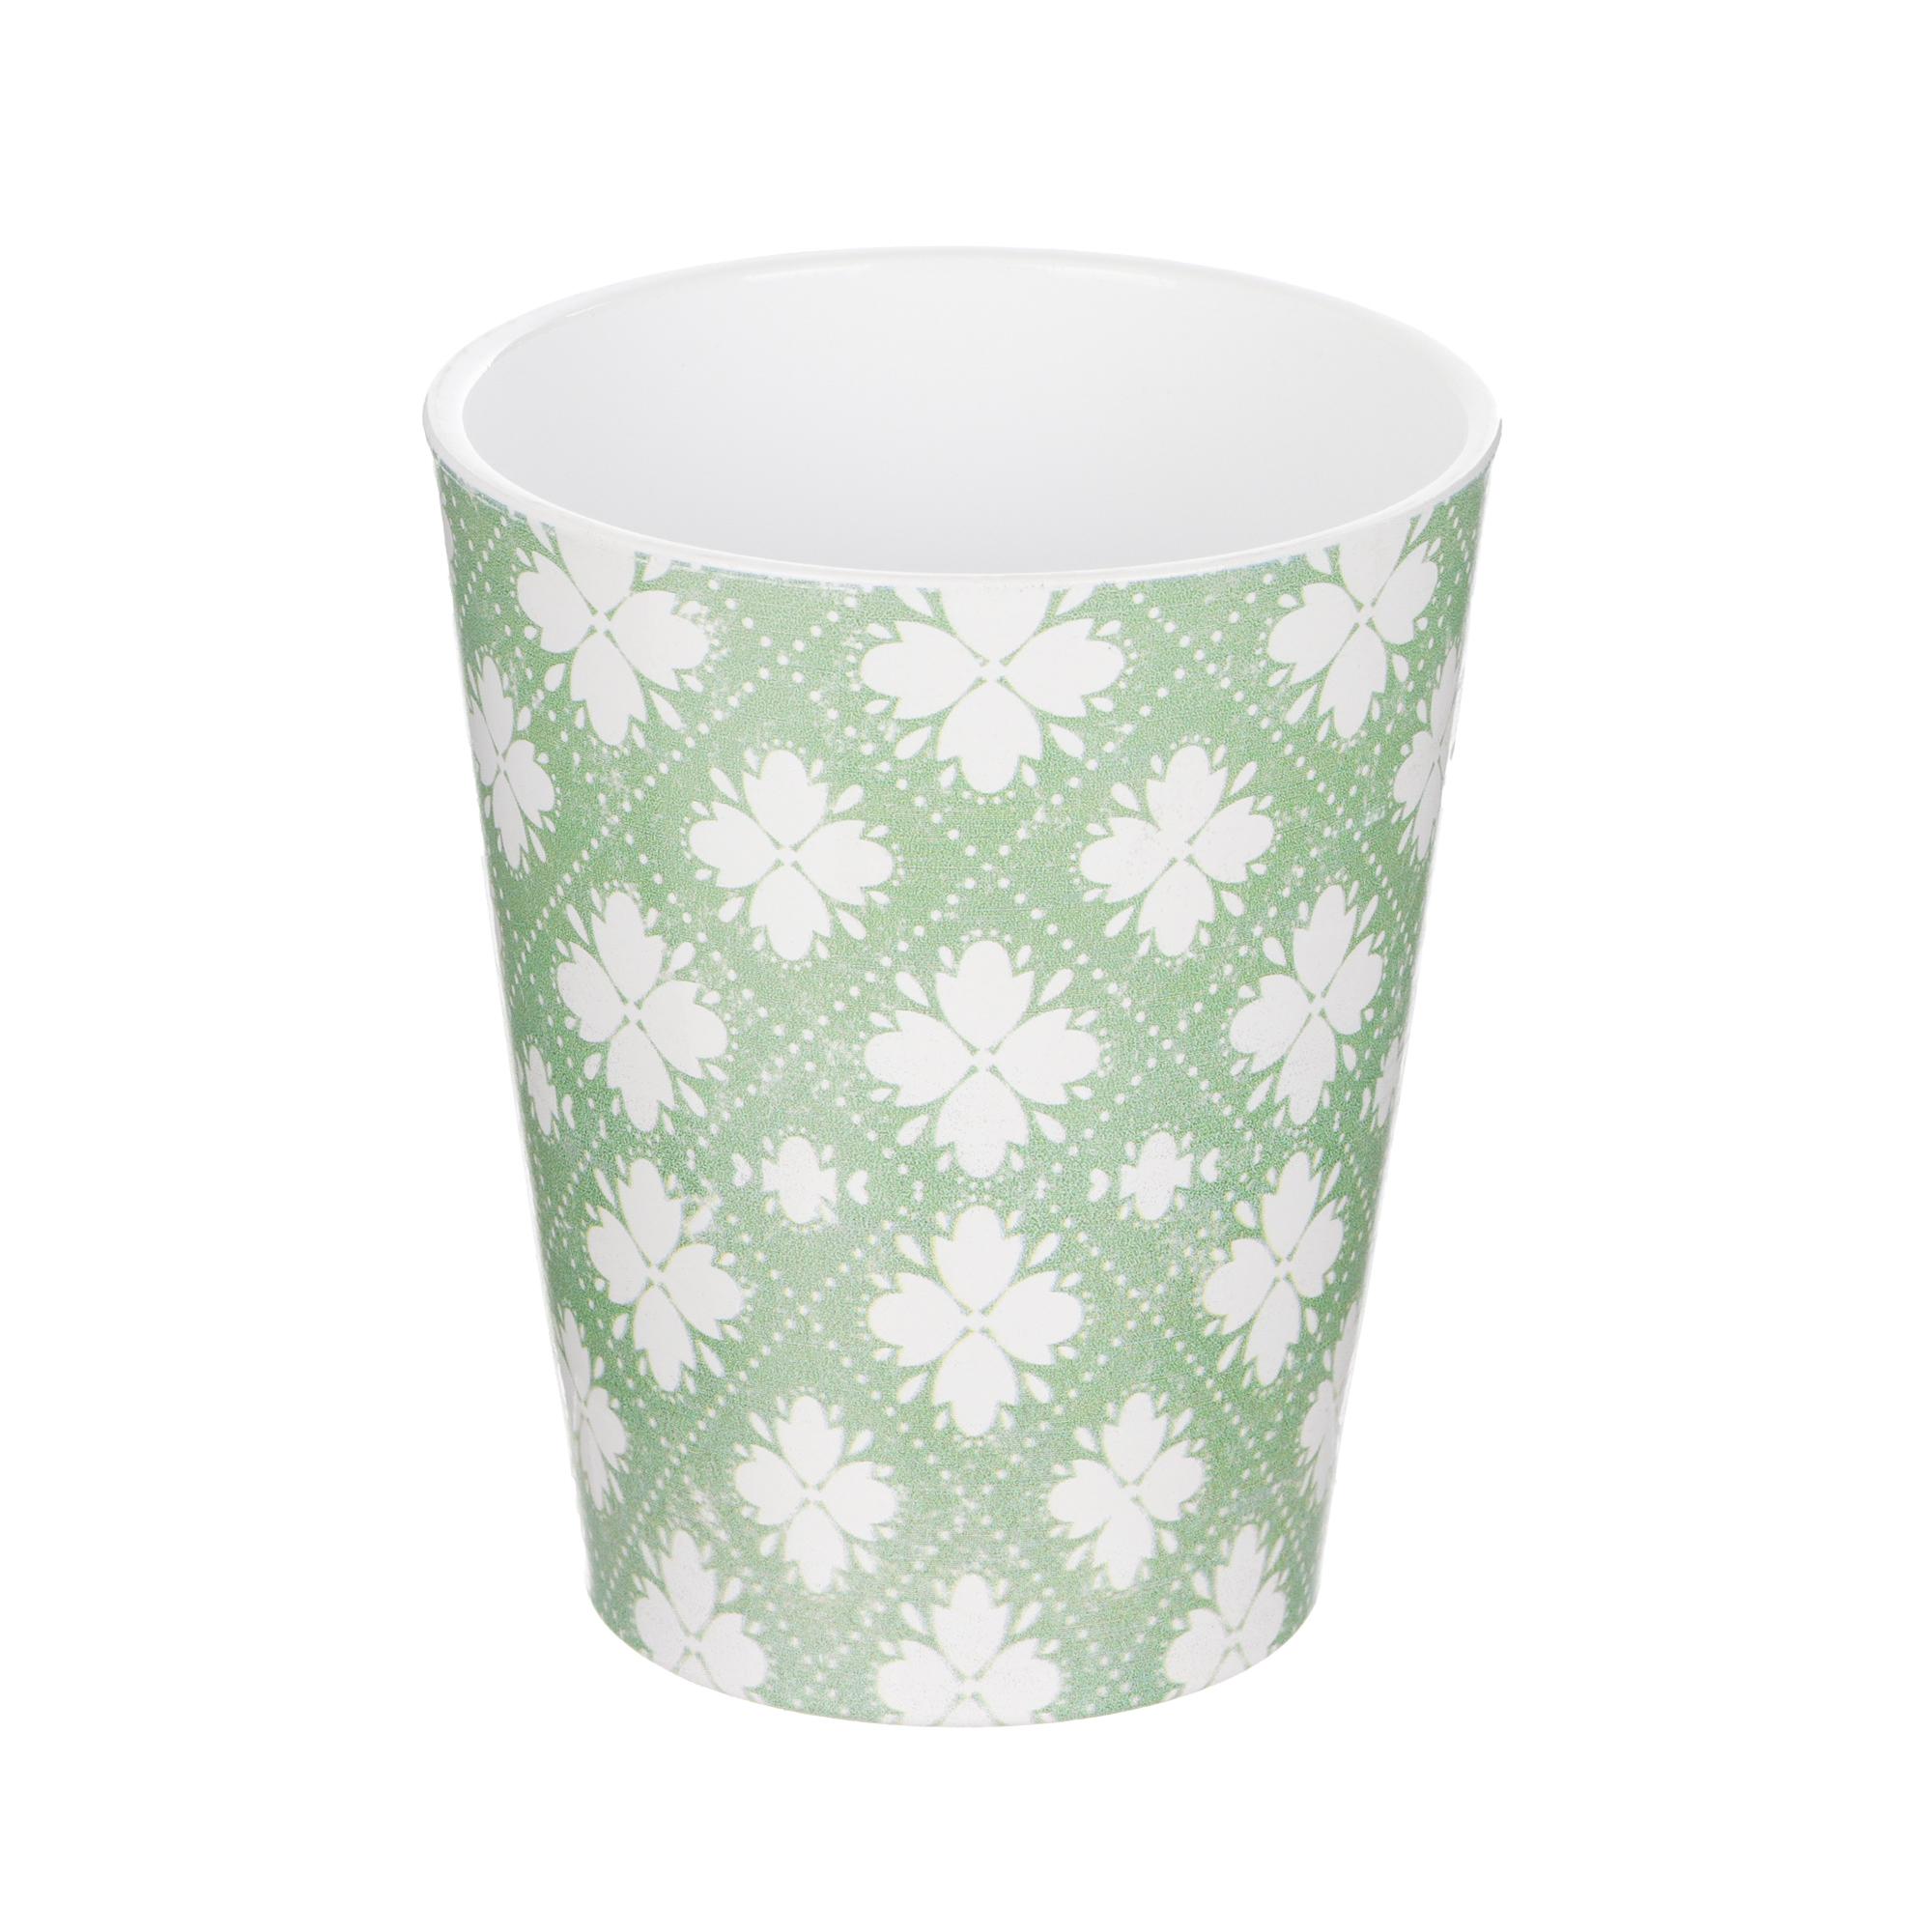 Кашпо для орхидей Soendgen medina d15 зелено-белое недорого